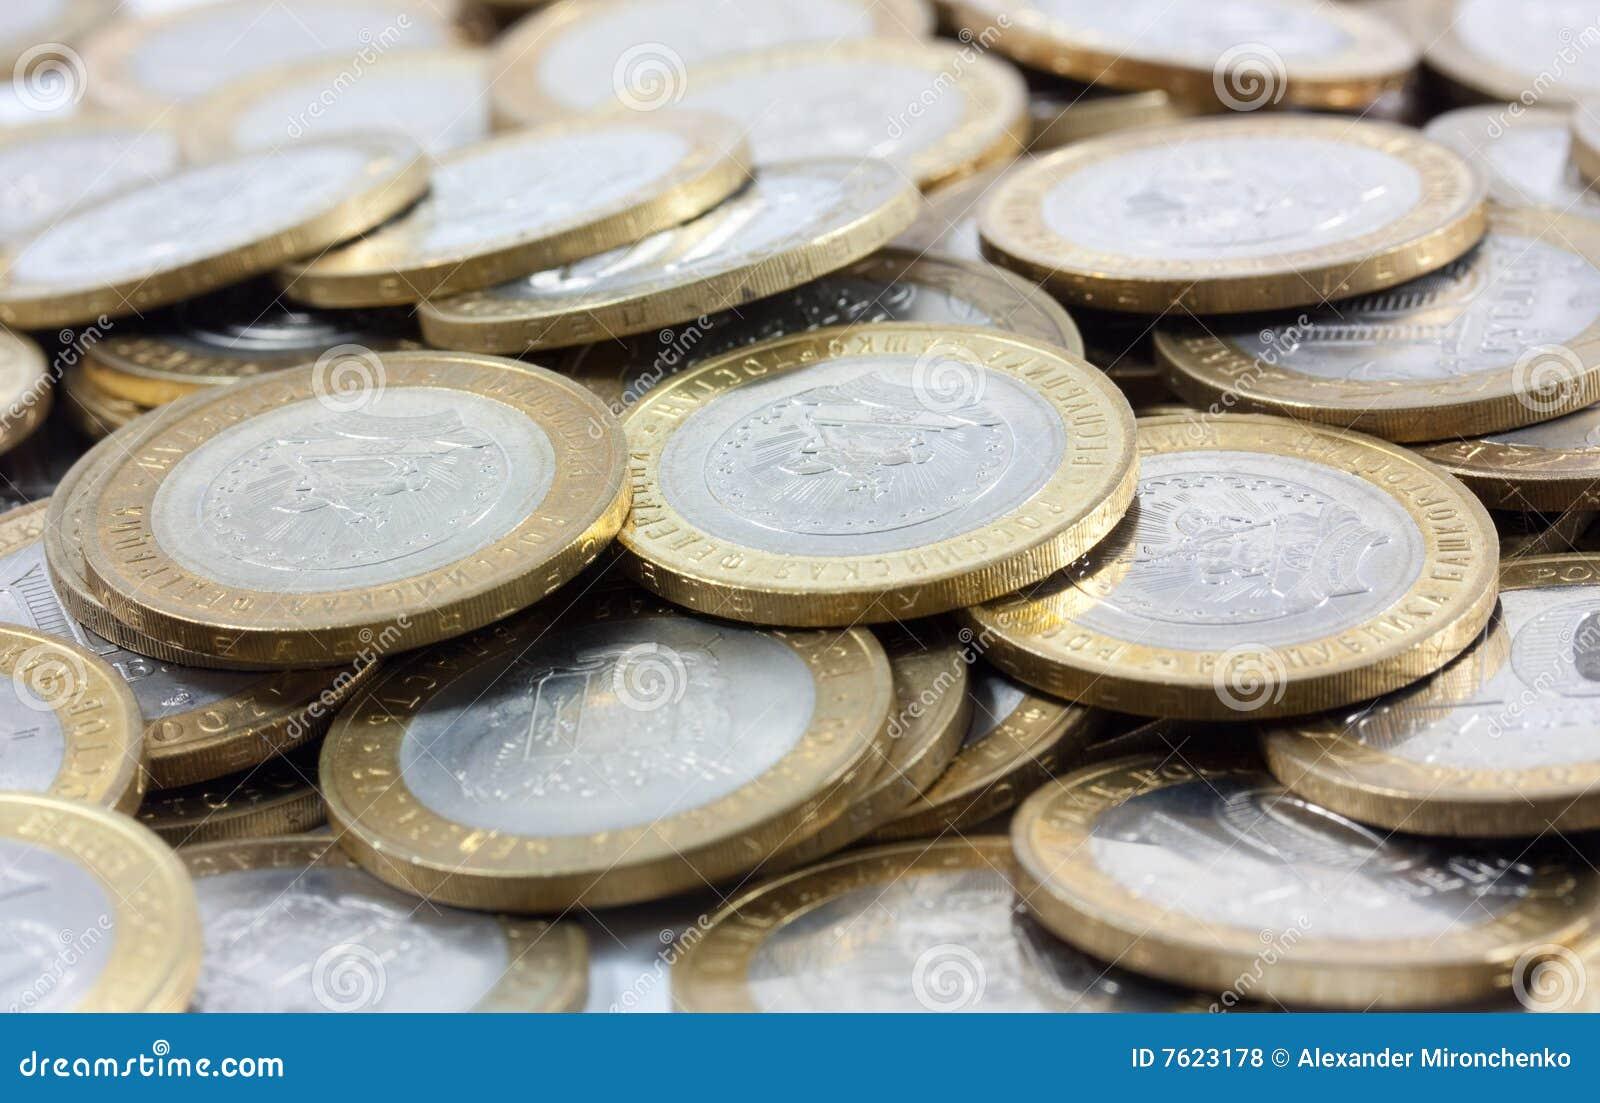 铸造货币俄语